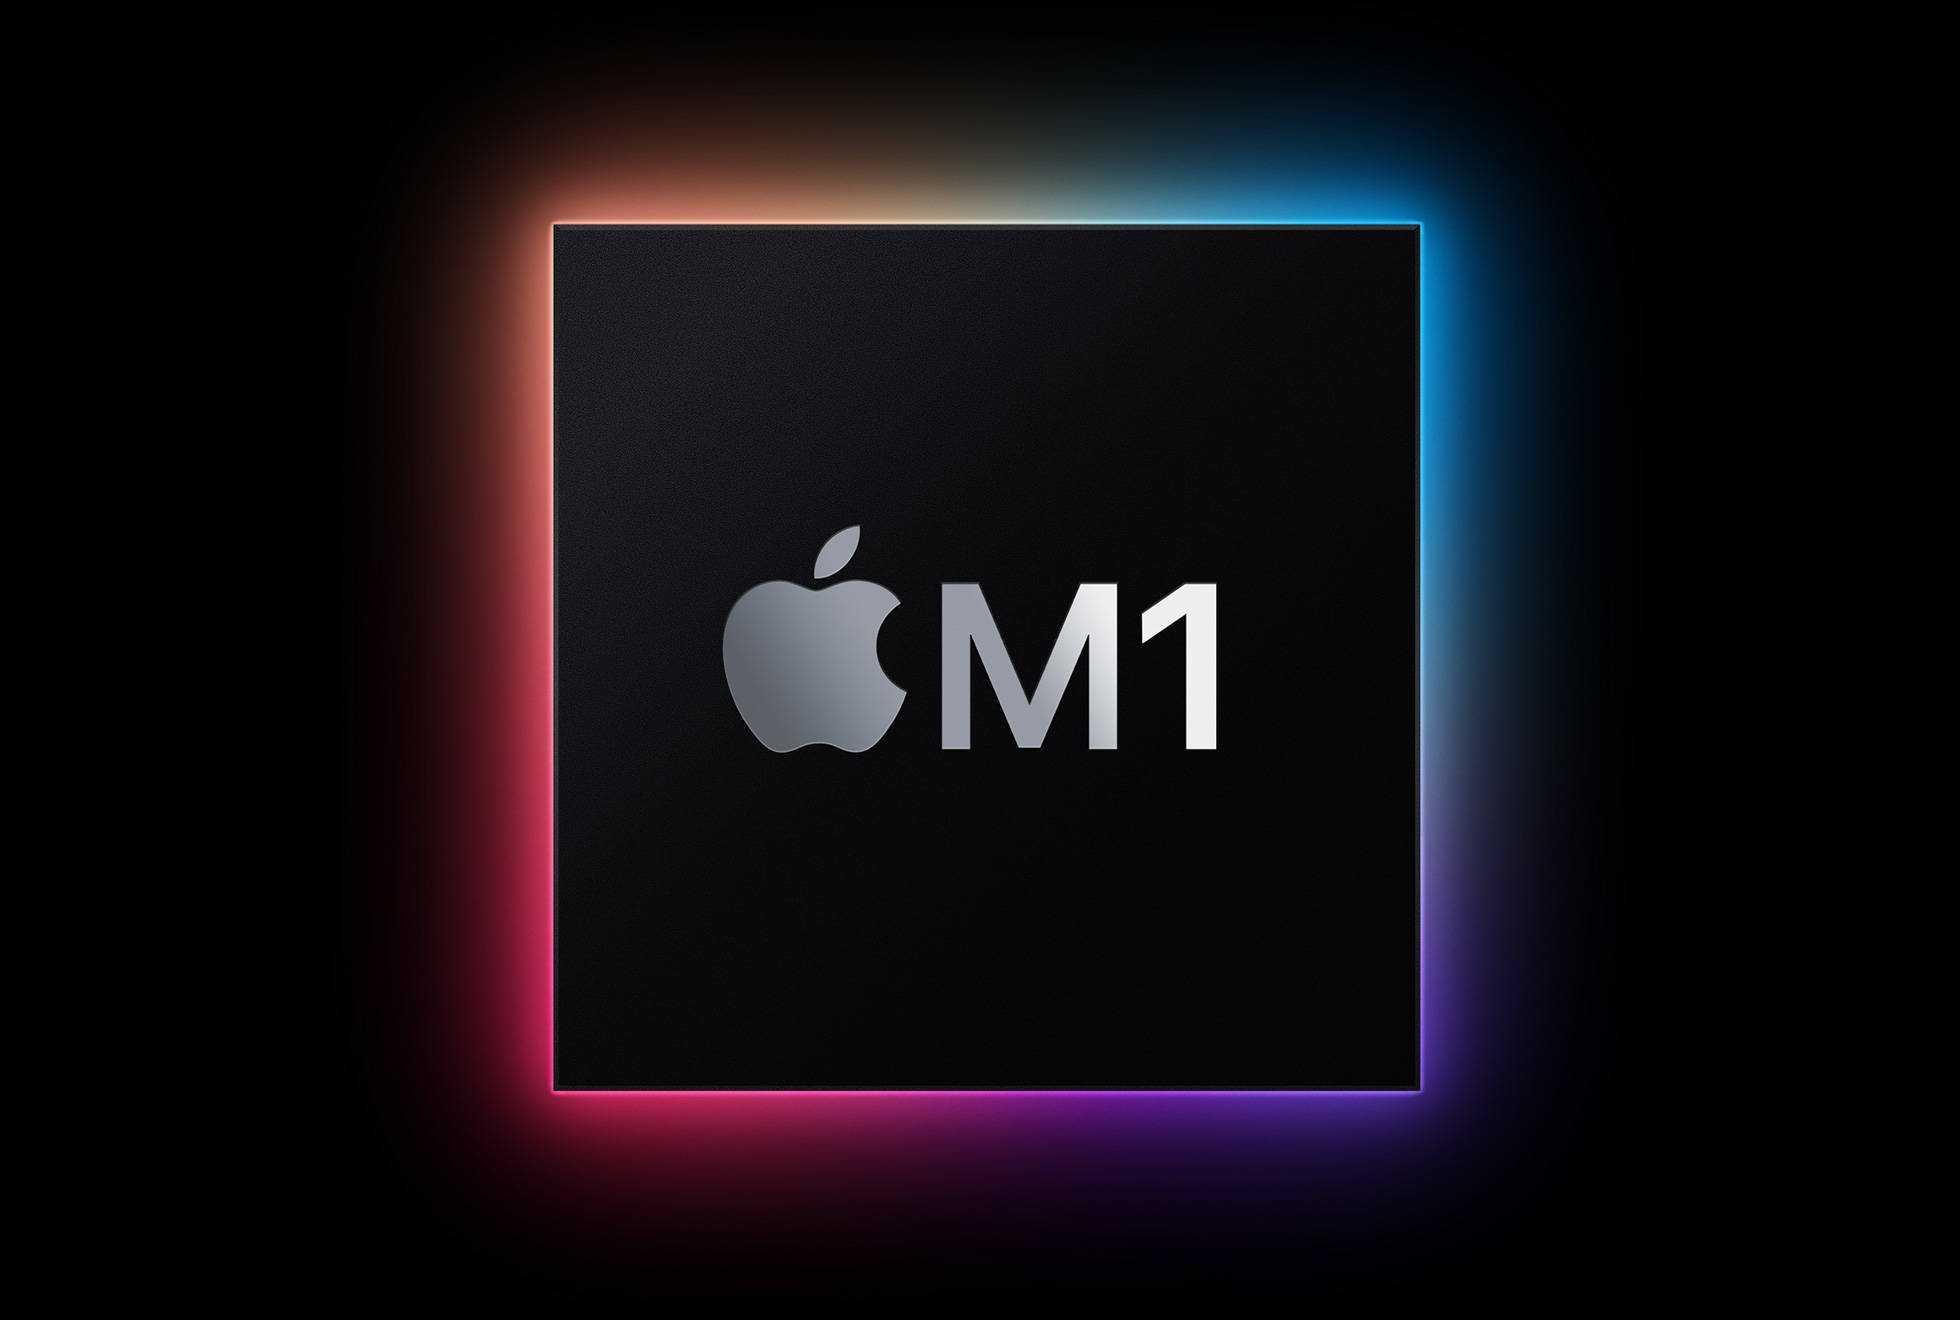 Барбса обменяли через Linux на M1 Silicon ... чтобы не поджидали юристы Apple • Реестр